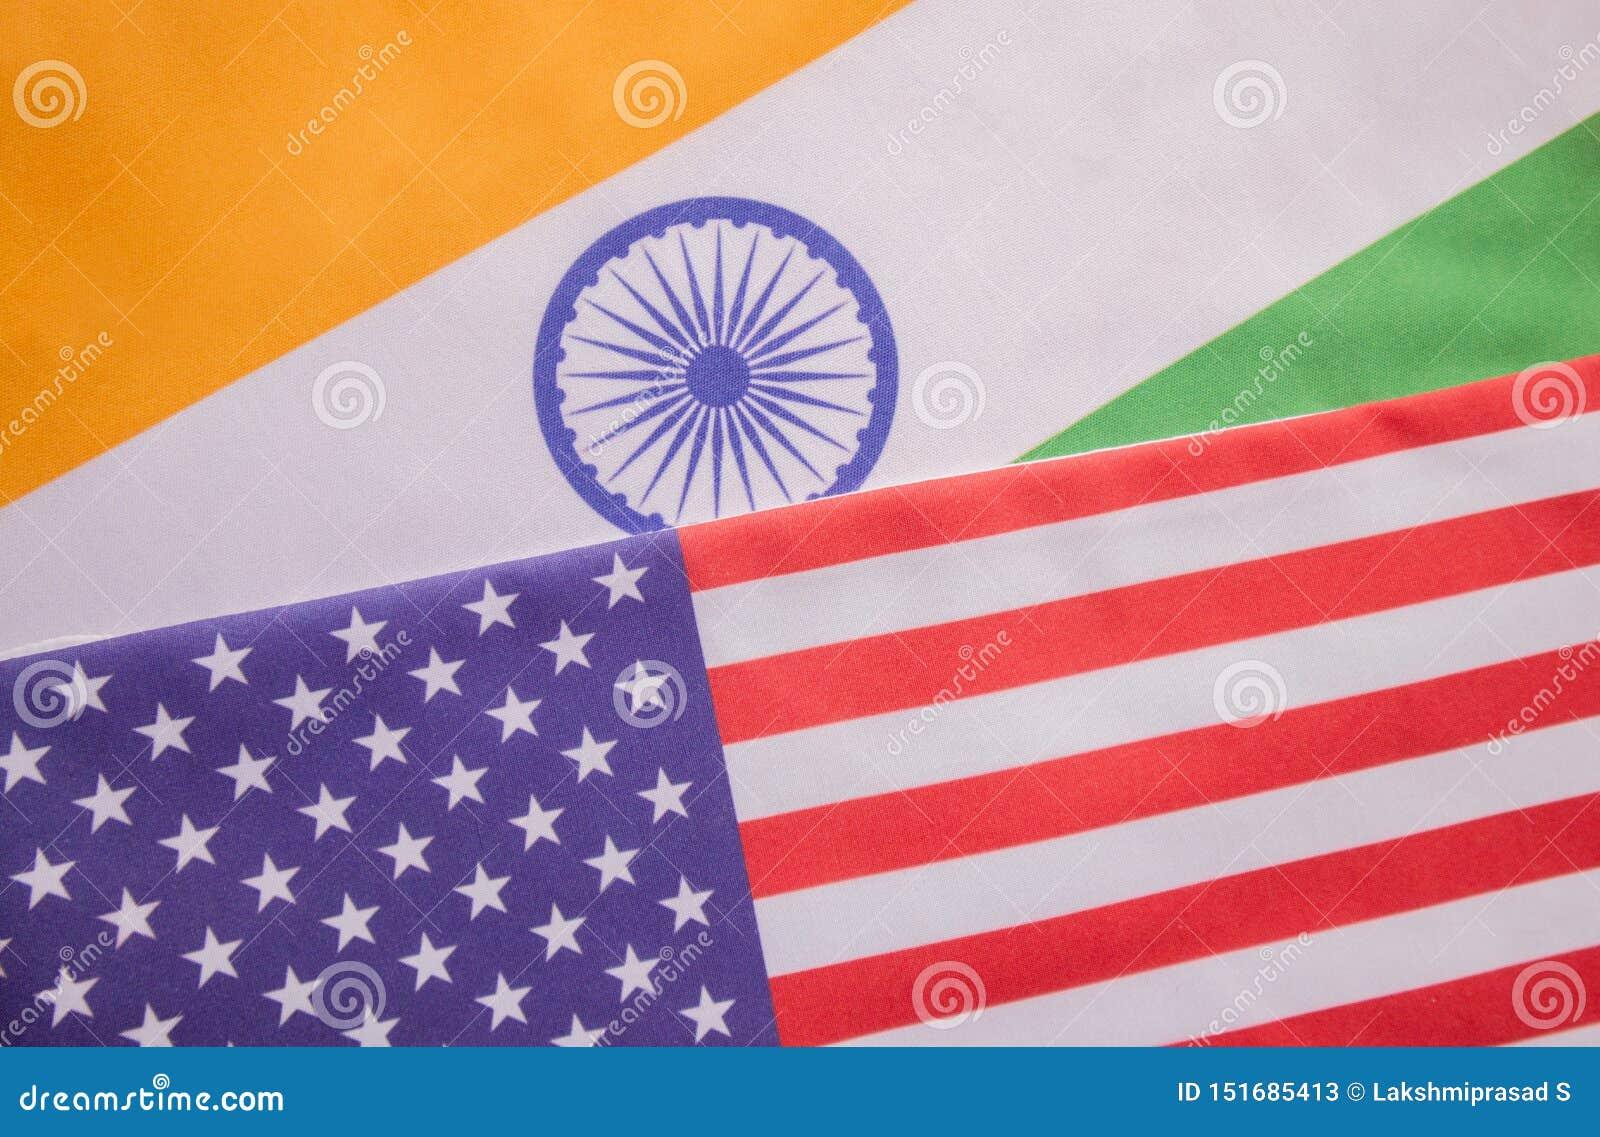 Conceito de um relacionamento bilateral entre dois países que mostram com duas bandeiras: Estados Unidos da América e Índia